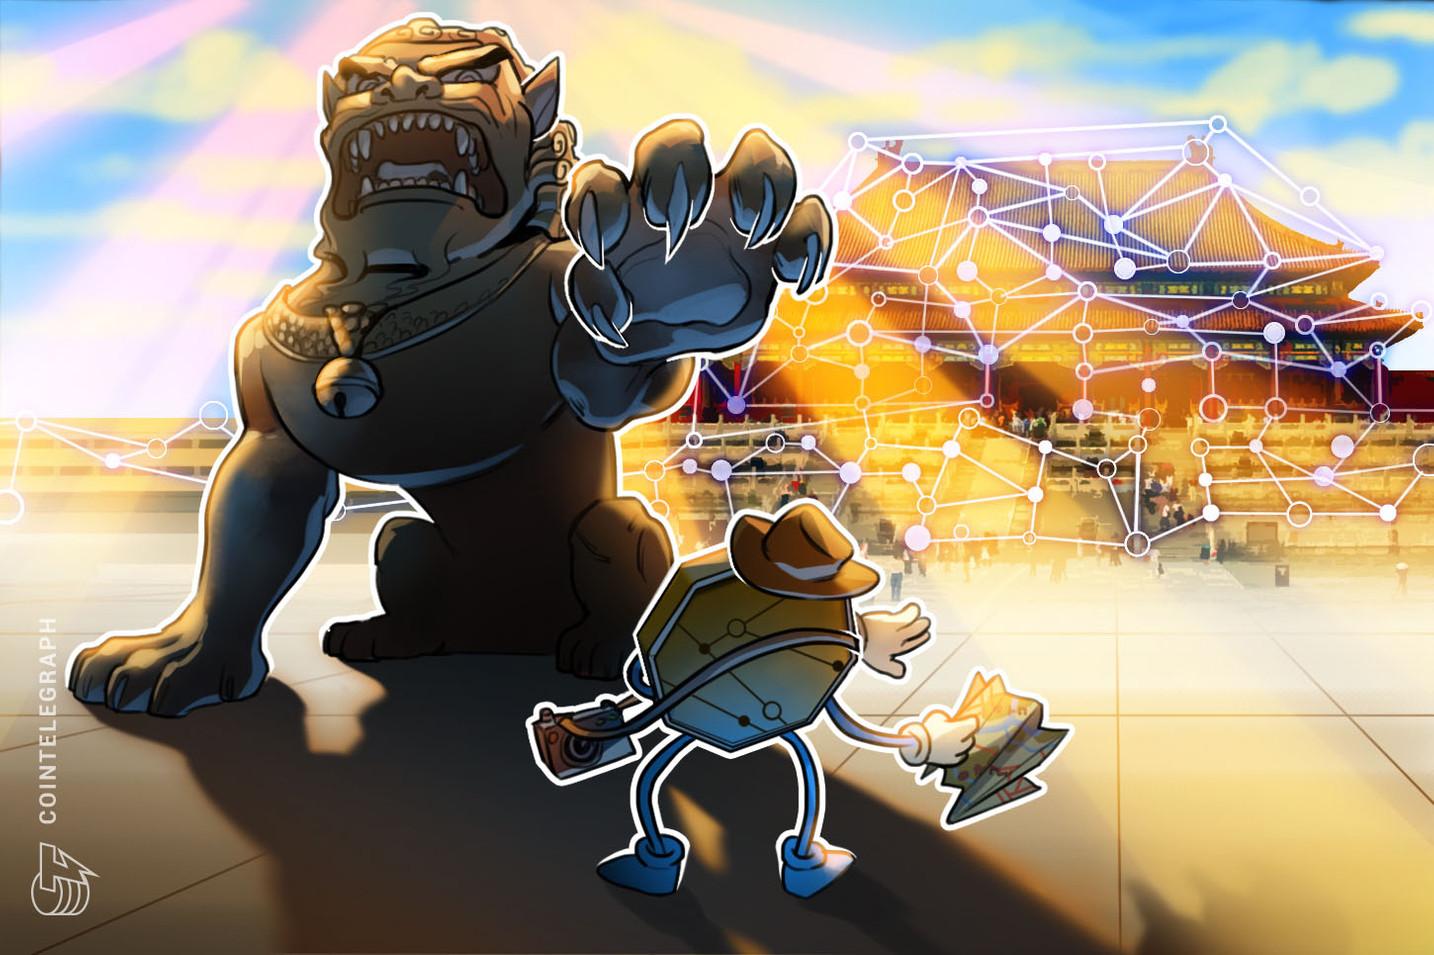 Las asociaciones comerciales chinas advierten sobre la inversión en criptomonedas